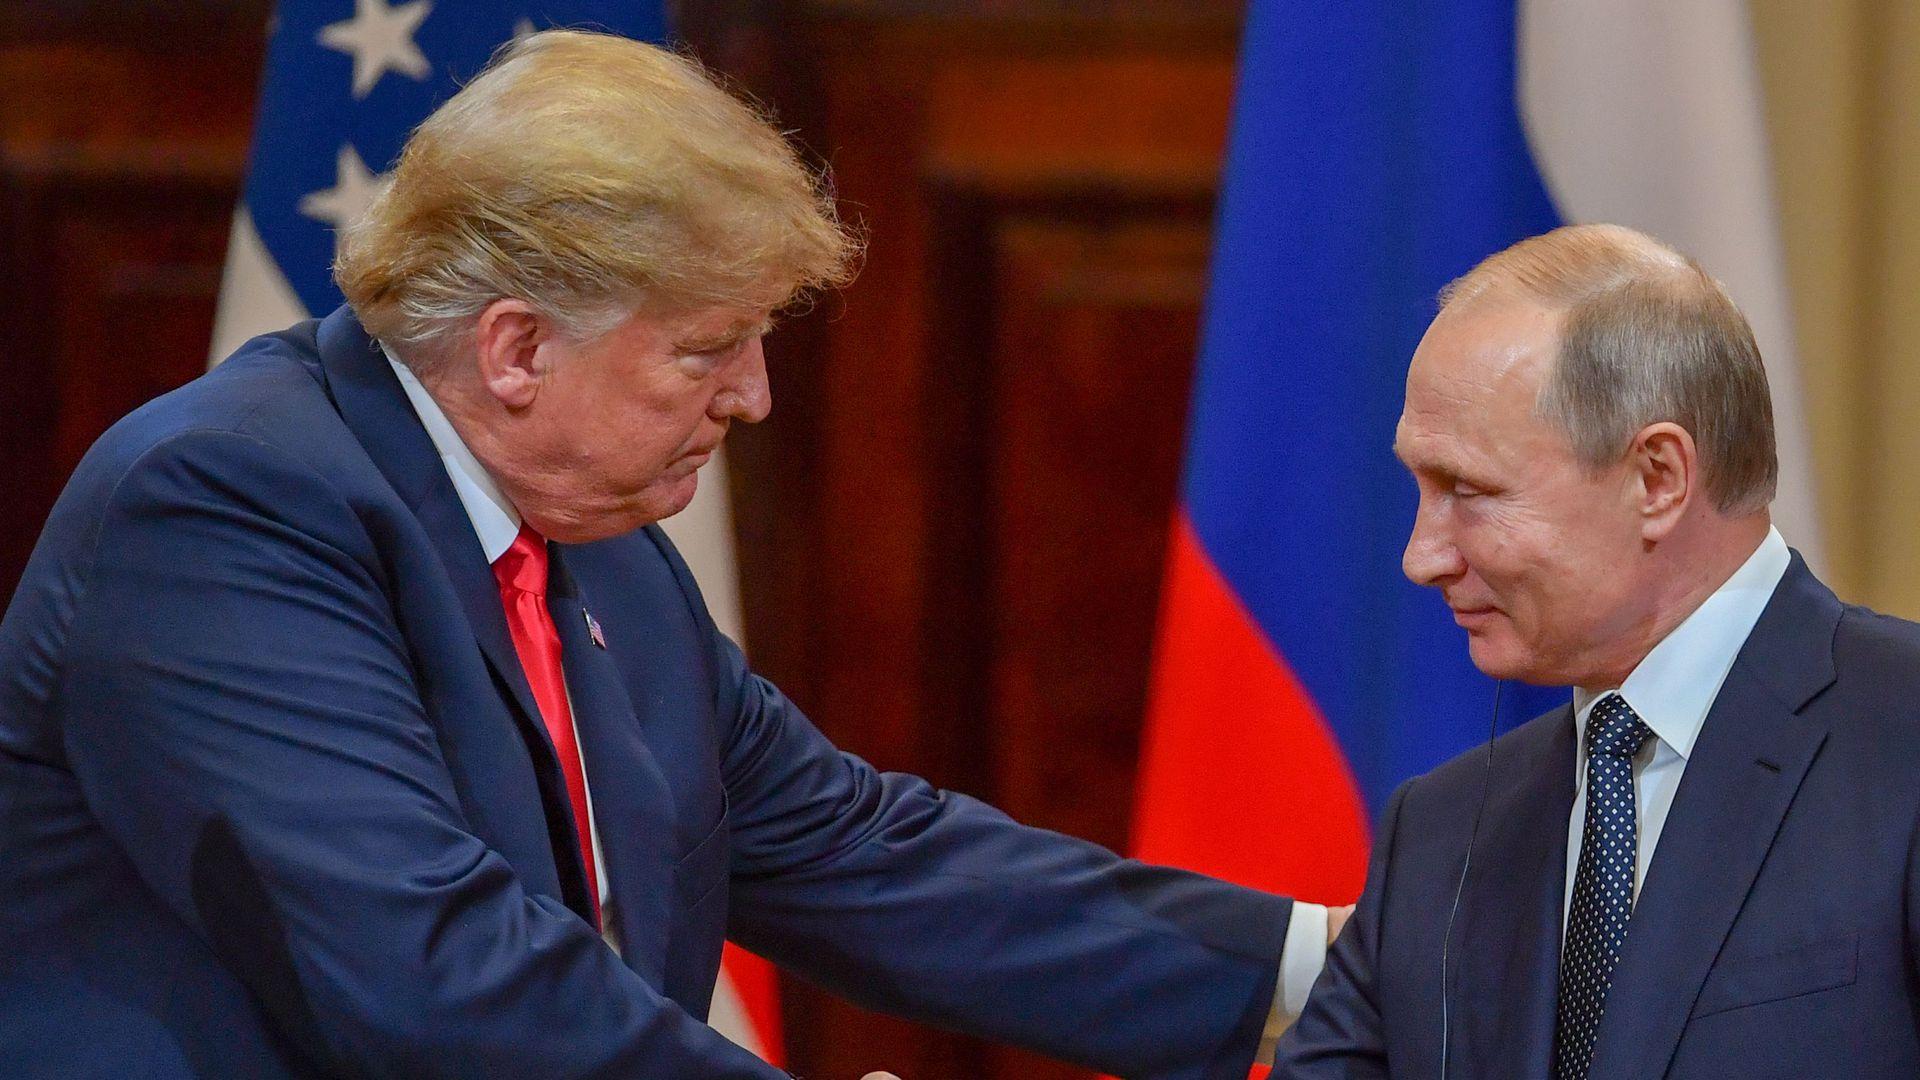 фото ЗакС политика Путин считает, что Трампу мешает полноценно дружить с Россией ситуация внутри США